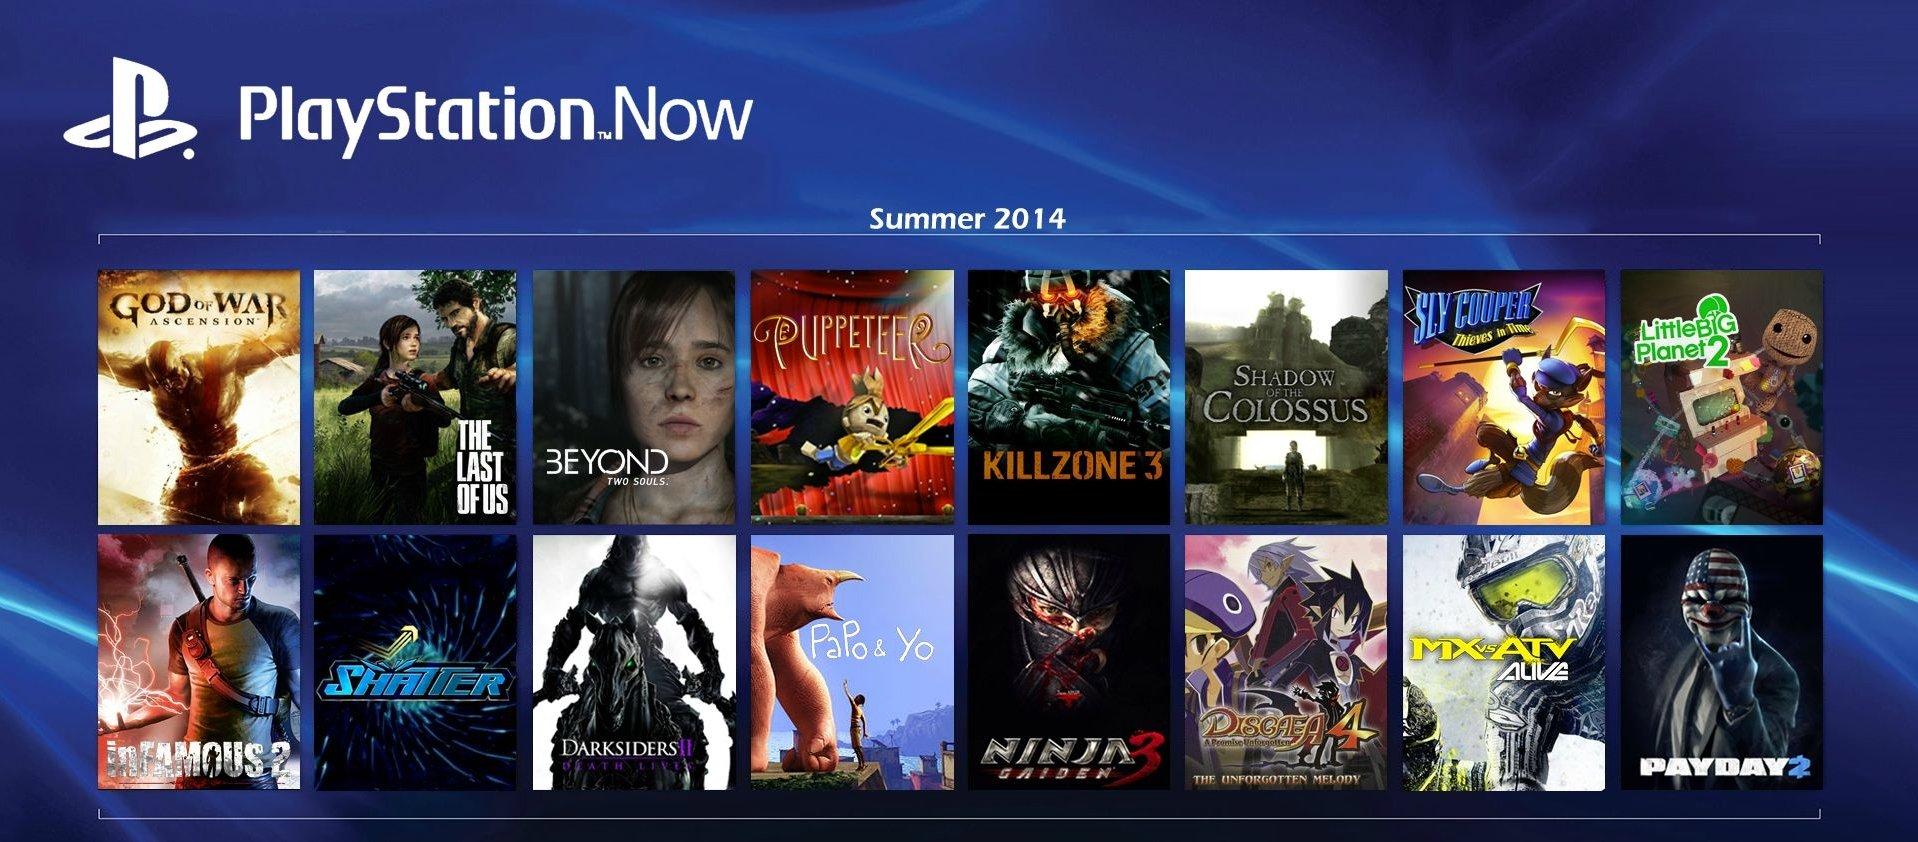 В открытой бете PlayStation Now в Англии насчитывает 176 игр. - Изображение 1